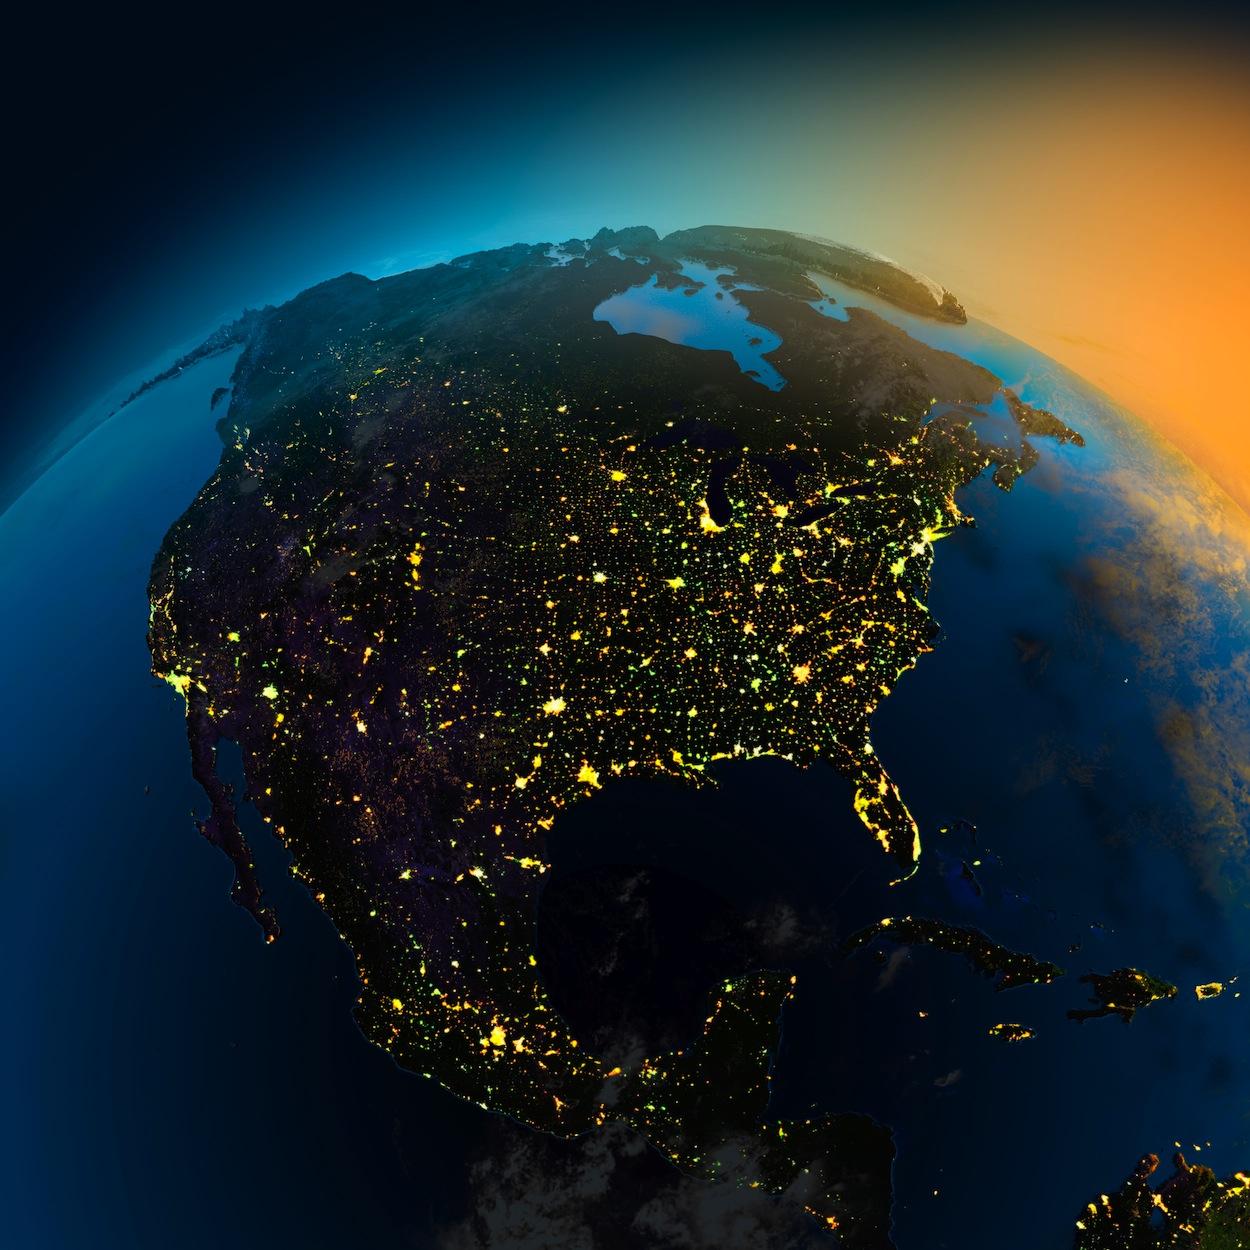 L'Amérique de l'Univers papiers peints photo 3D